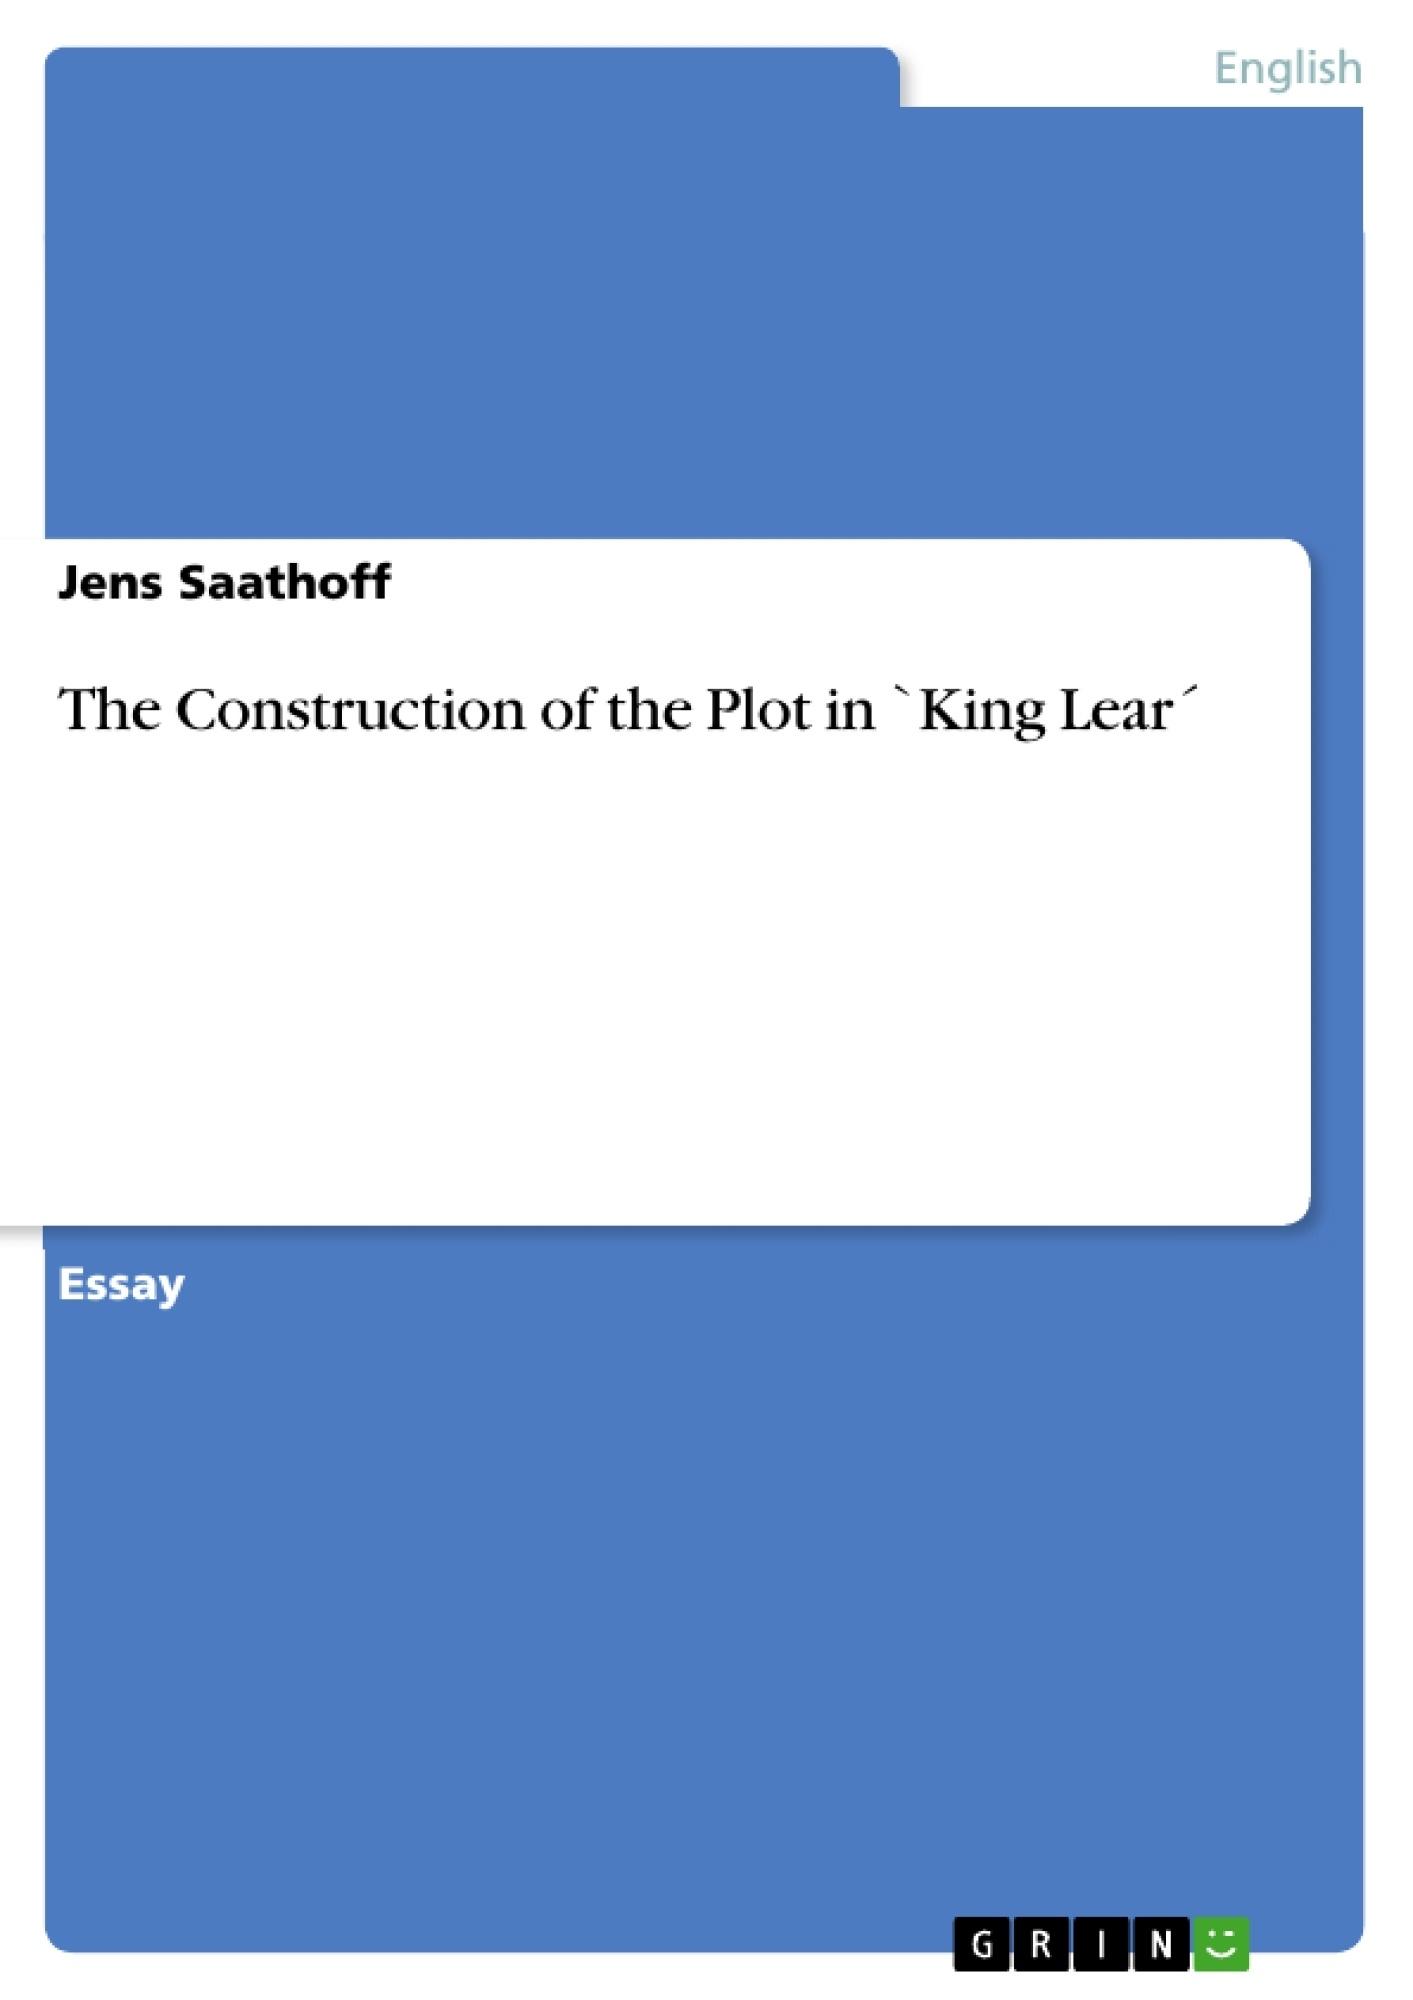 King Lear Summary Pdf